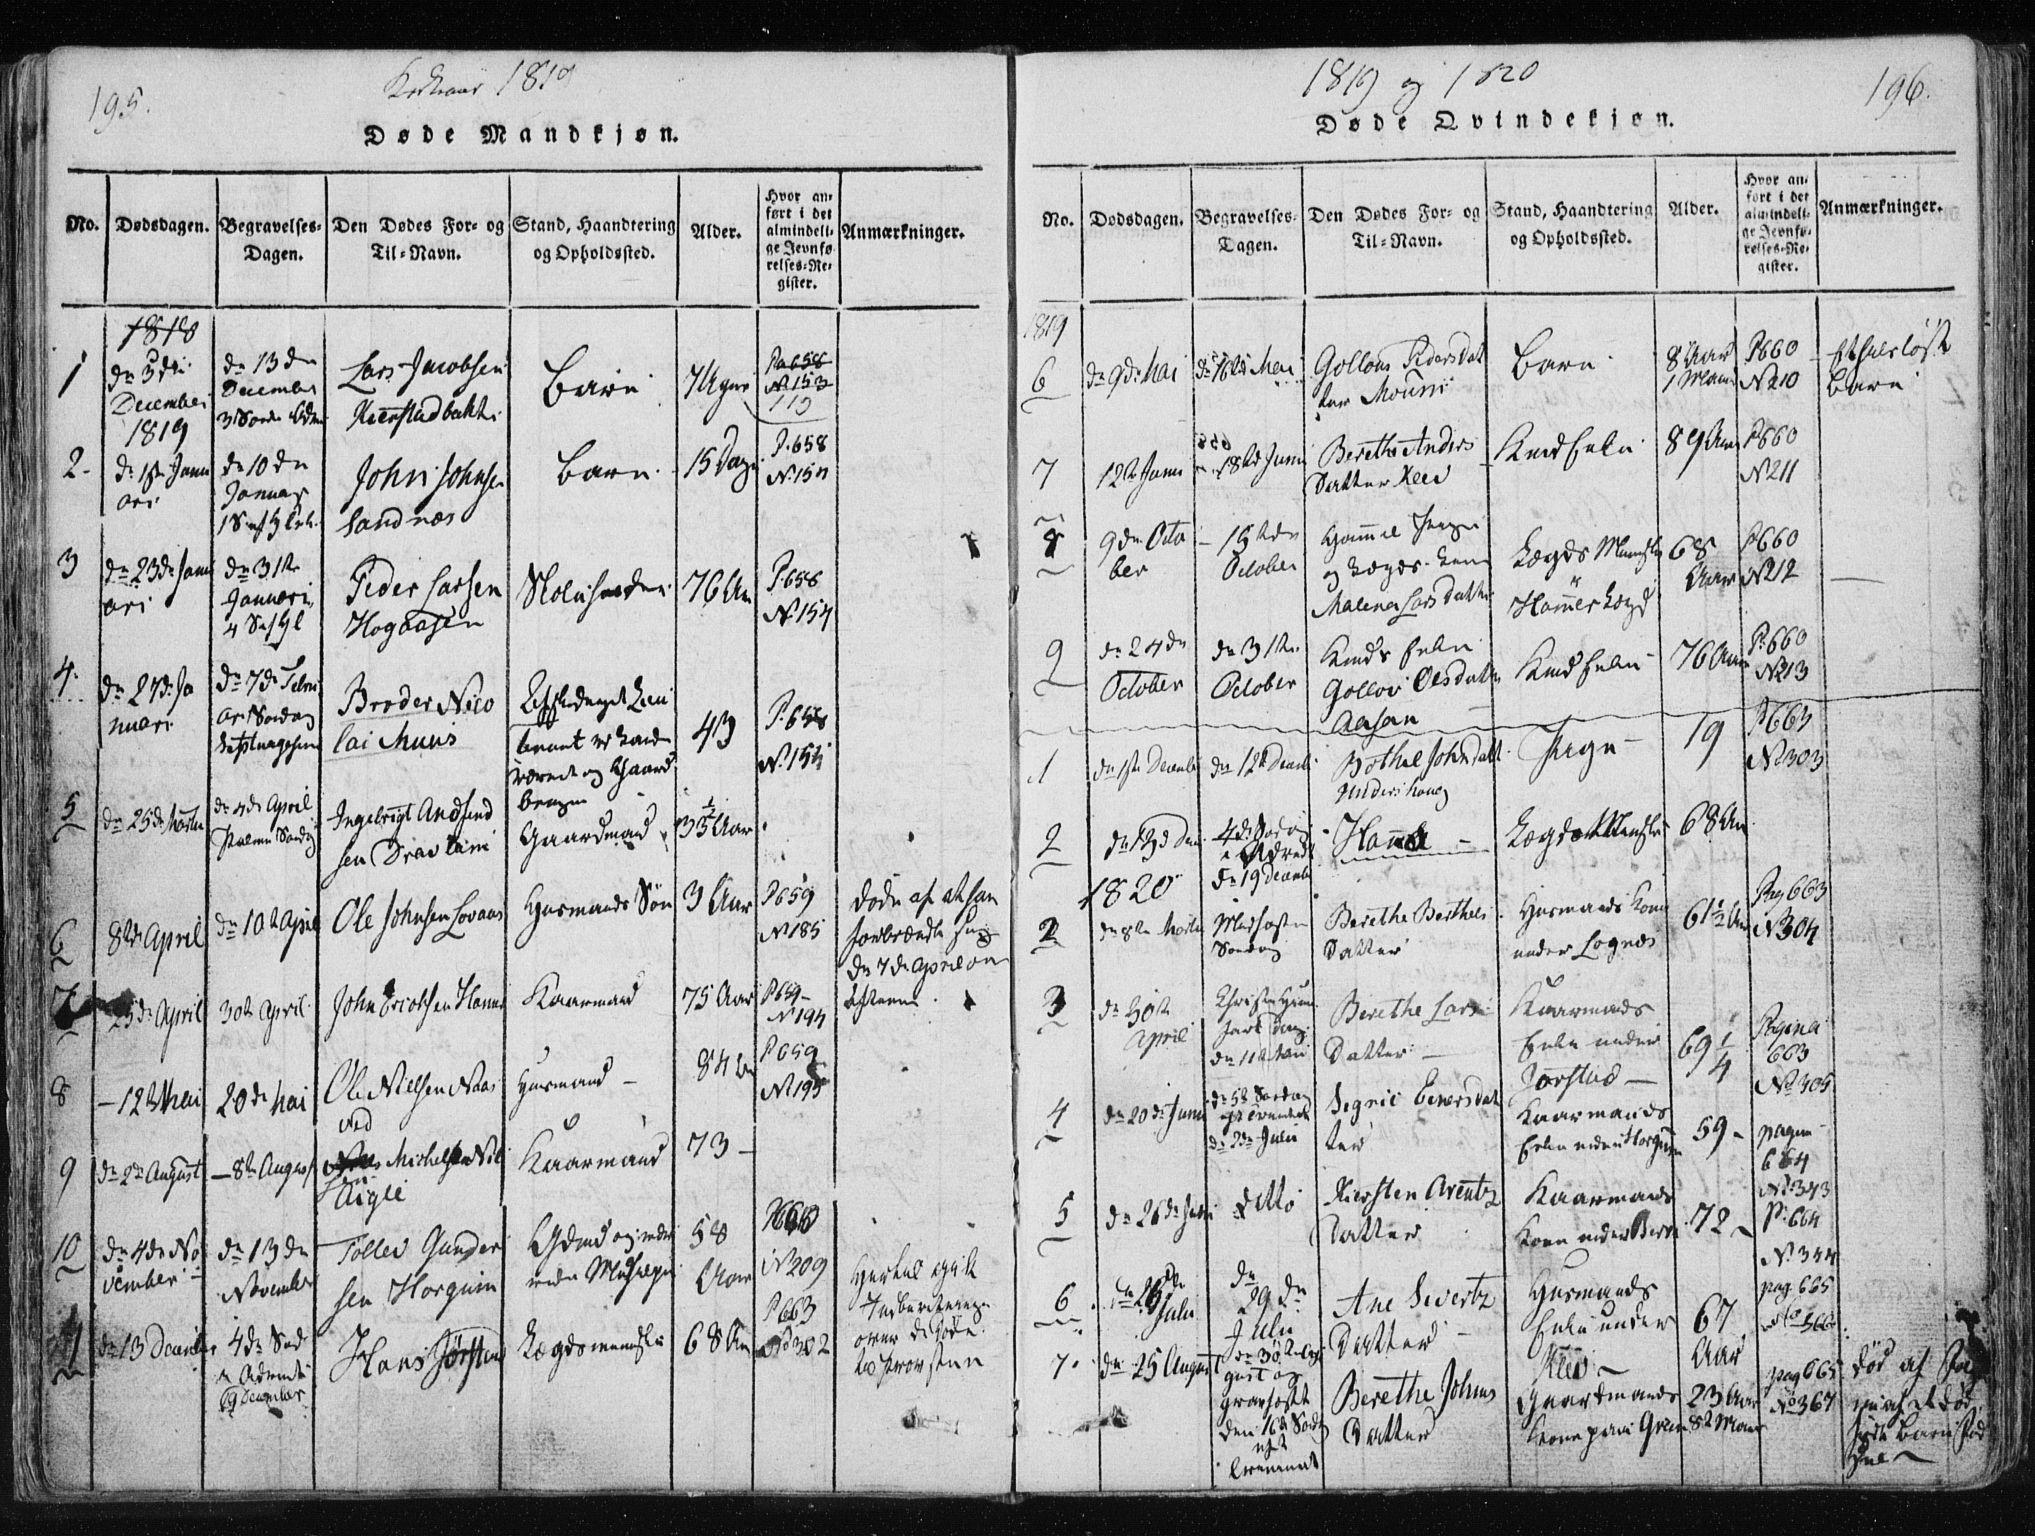 SAT, Ministerialprotokoller, klokkerbøker og fødselsregistre - Nord-Trøndelag, 749/L0469: Ministerialbok nr. 749A03, 1817-1857, s. 195-196